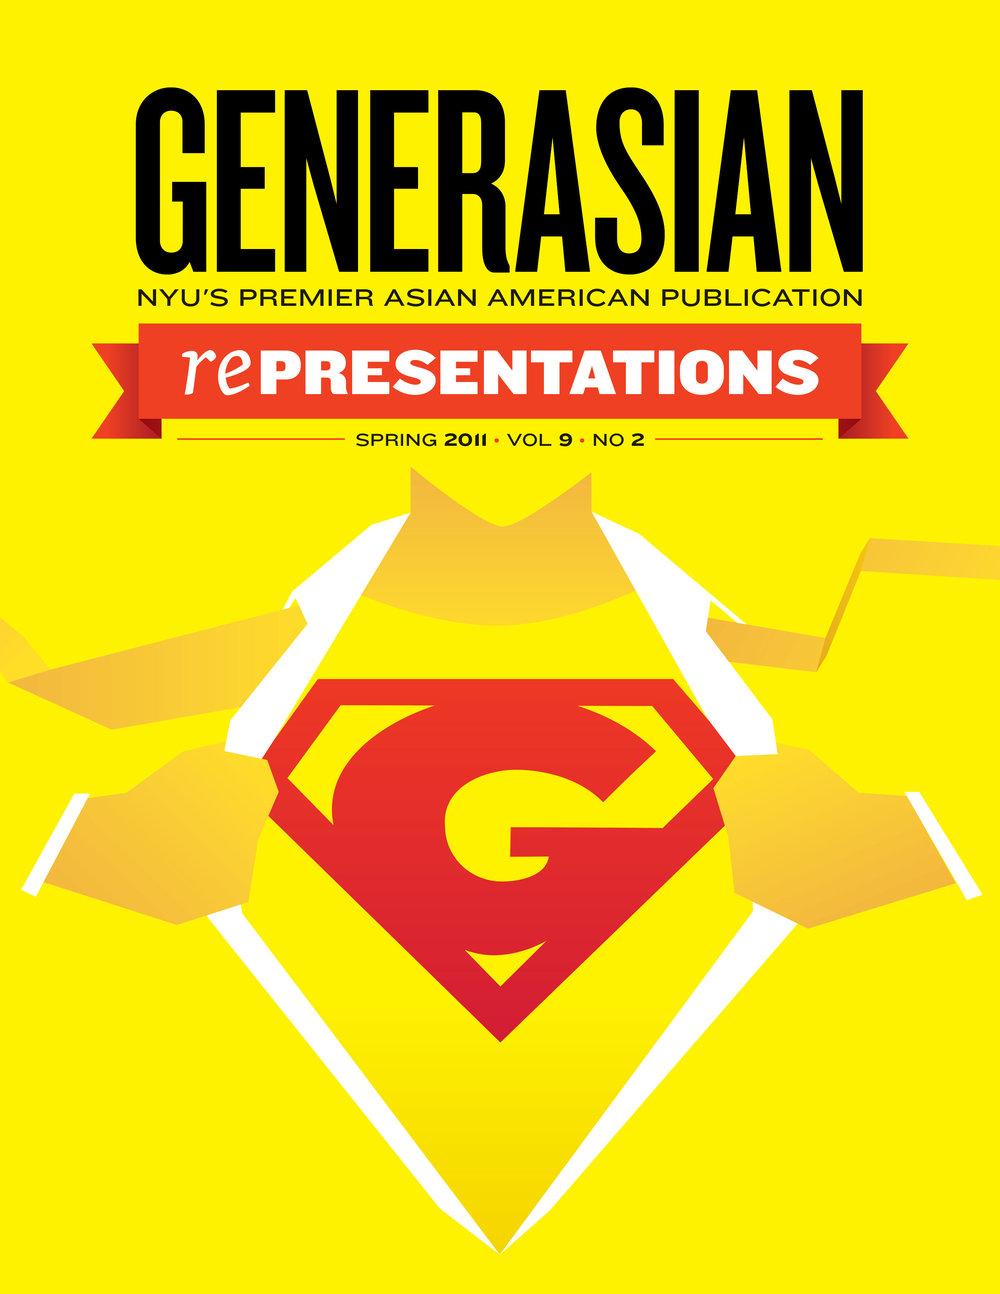 Generasian-Sample-Covers-1.jpg